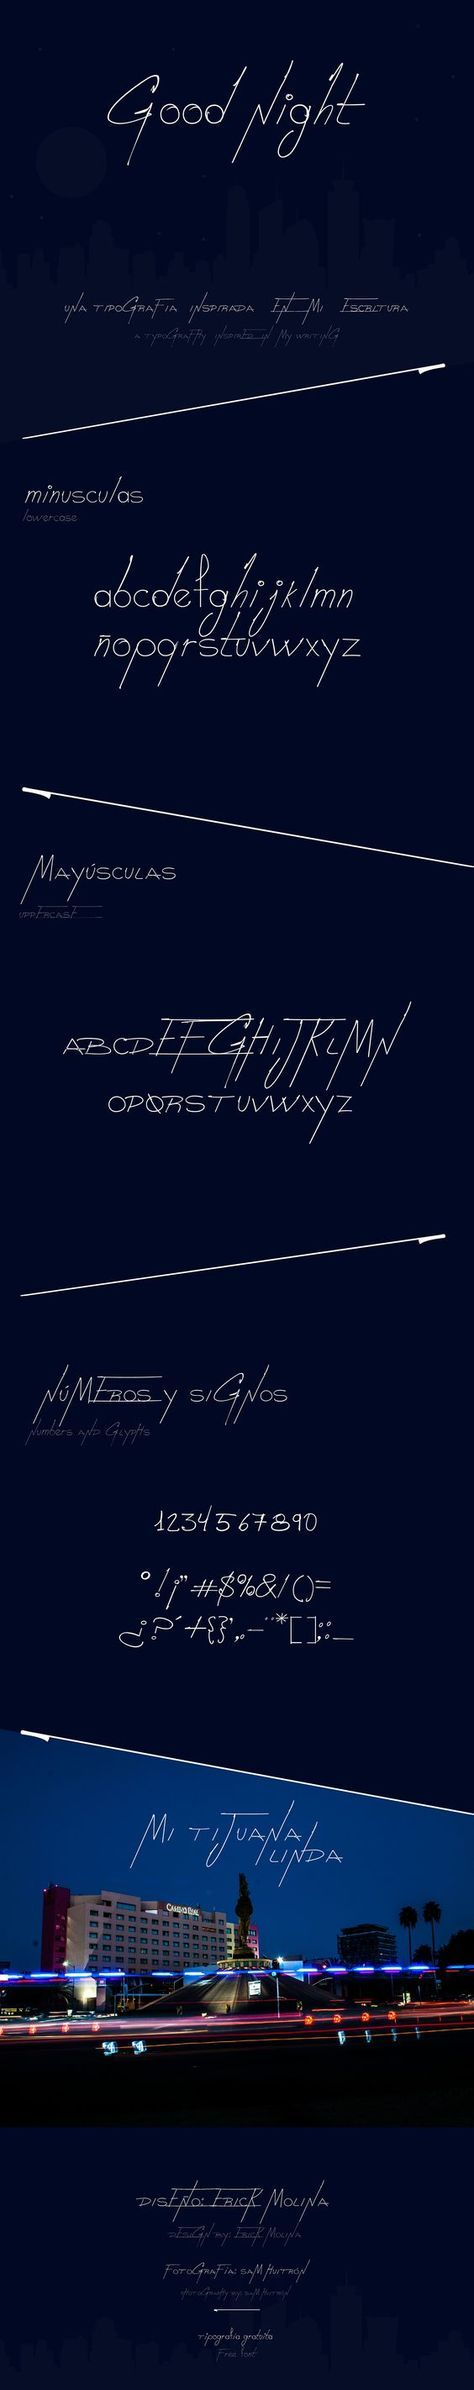 Good Night (Free Font) par Erick Molina - 28